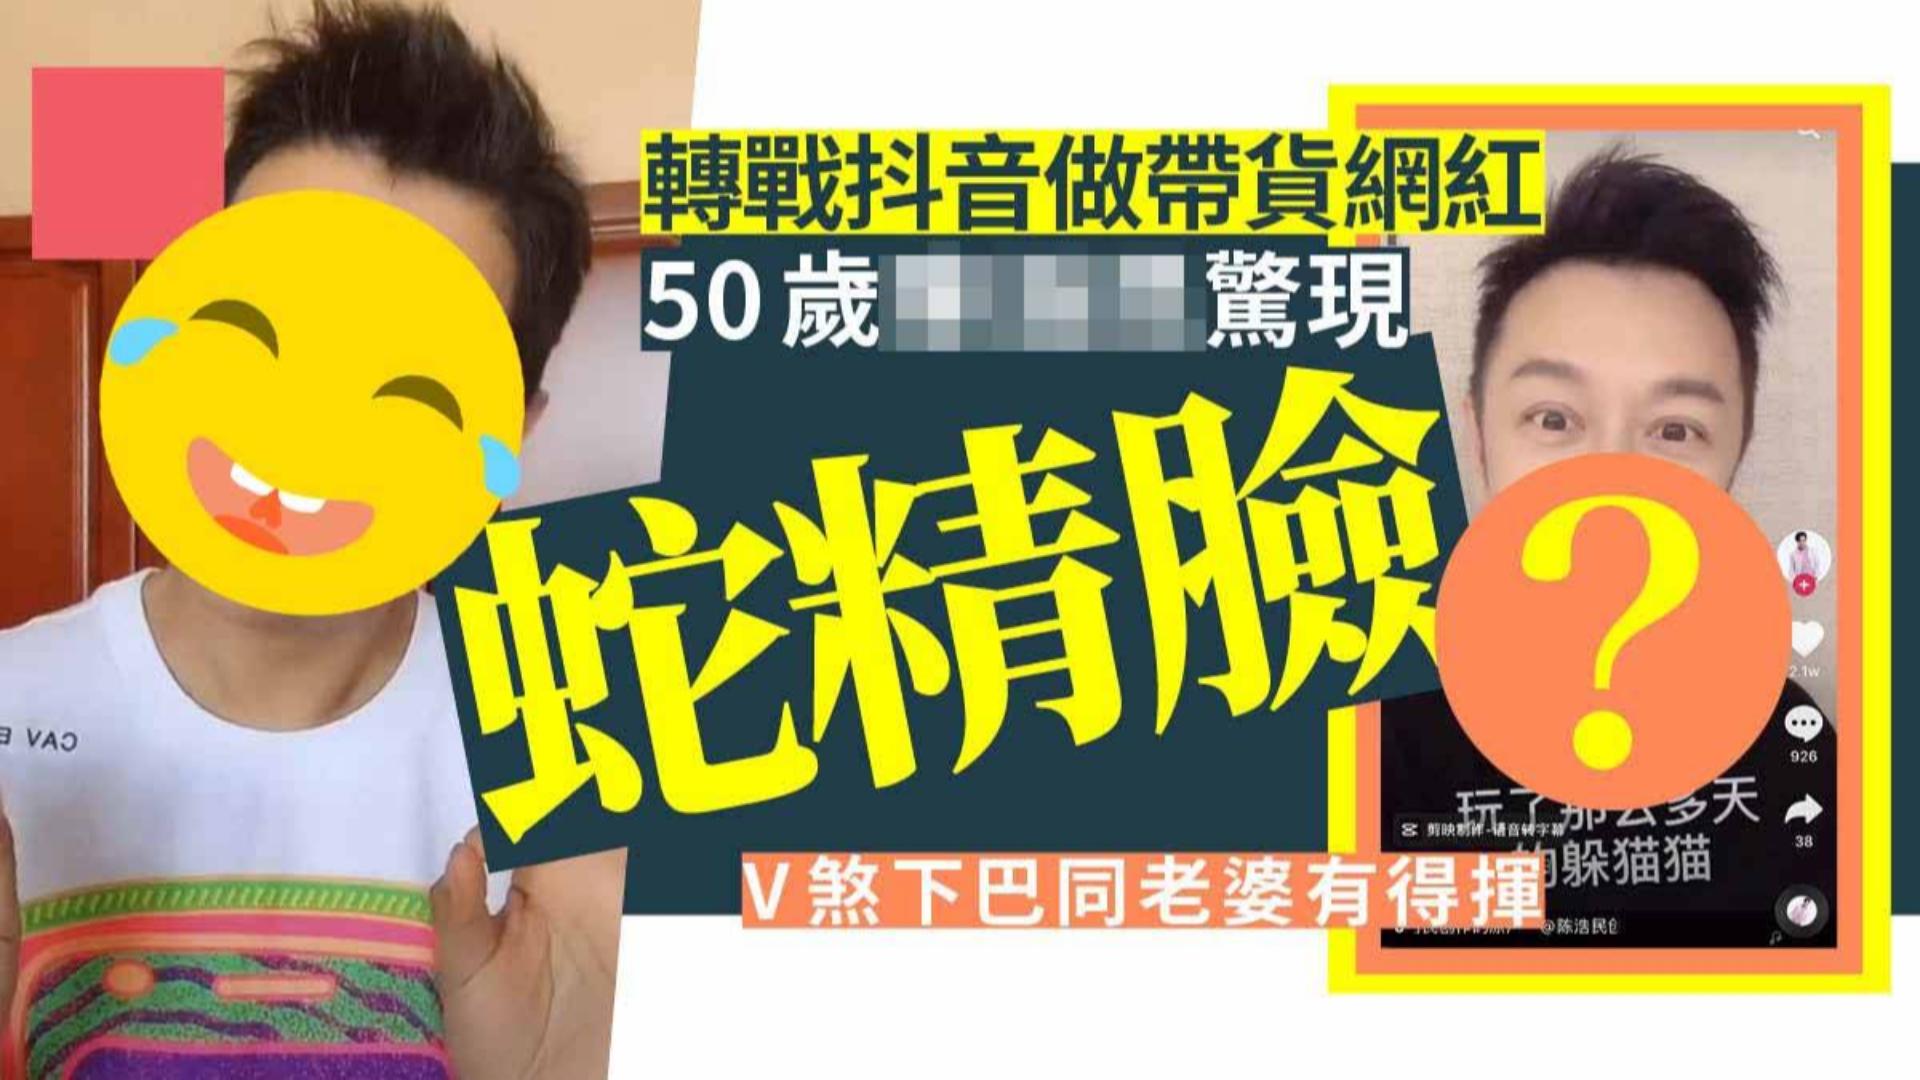 50岁TVB男神冻龄有术 做抖音网红带货惊现蛇精脸!